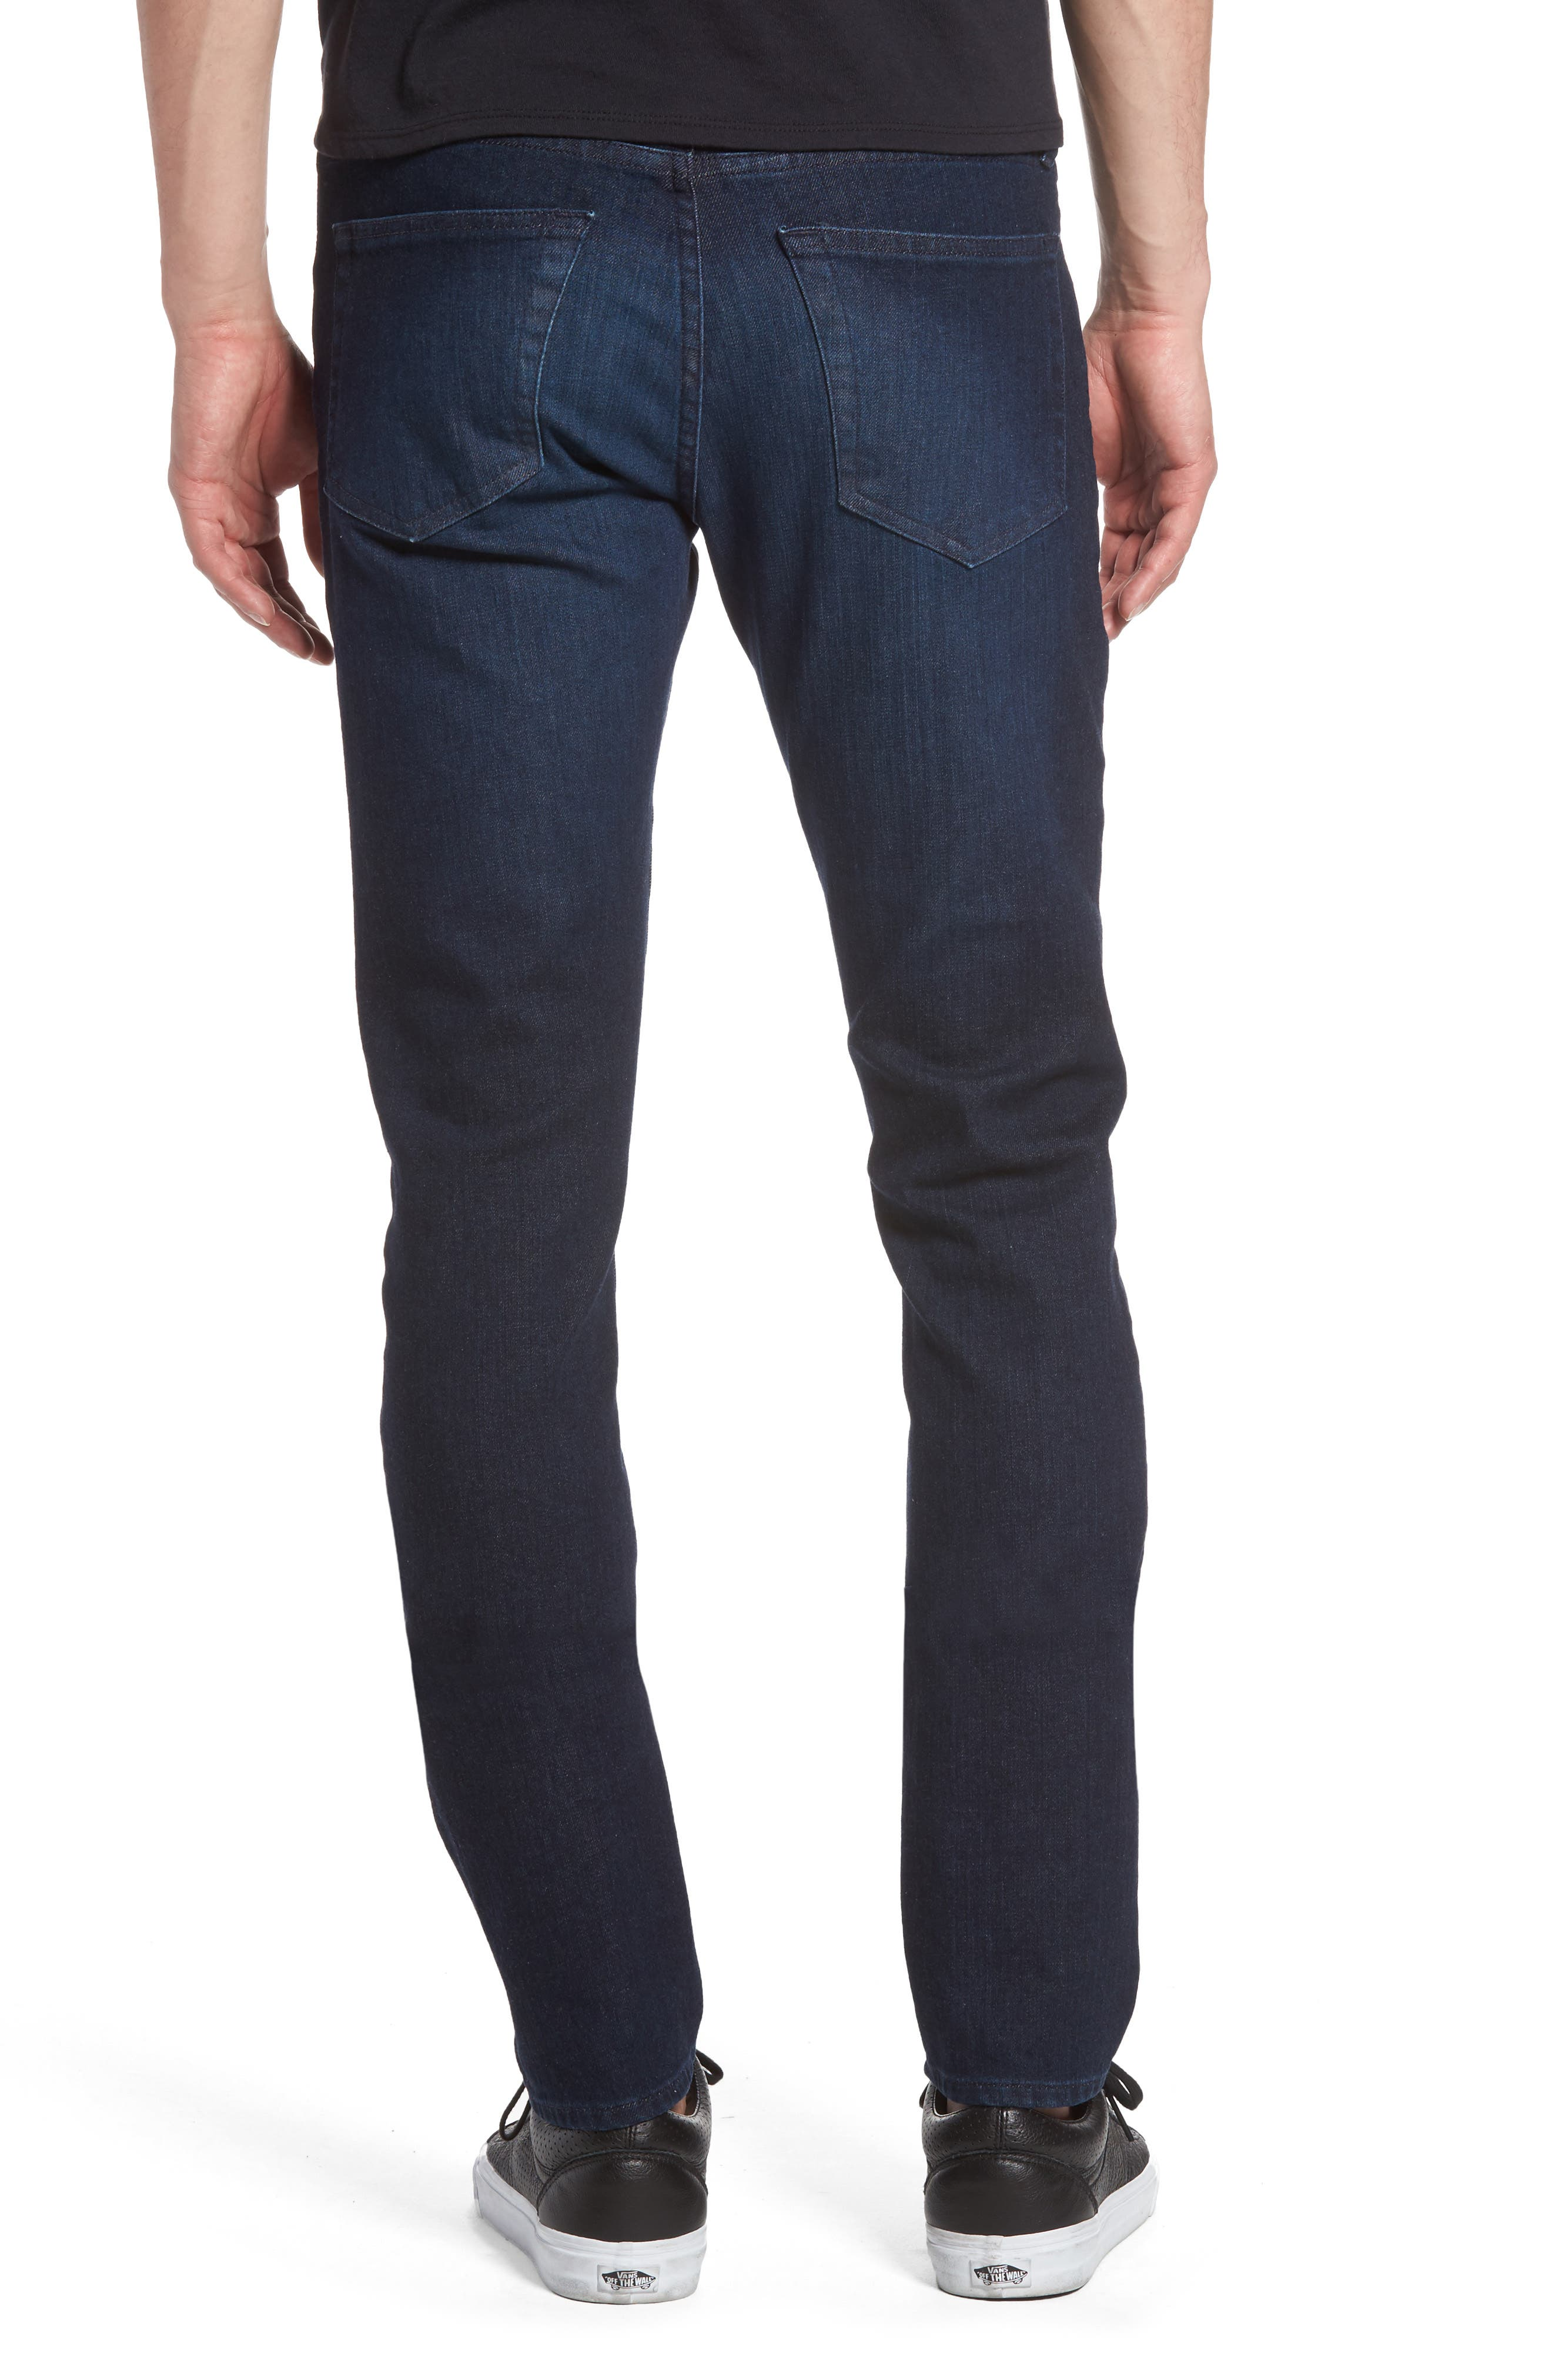 Stockton Skinny Fit Jeans,                             Alternate thumbnail 2, color,                             482